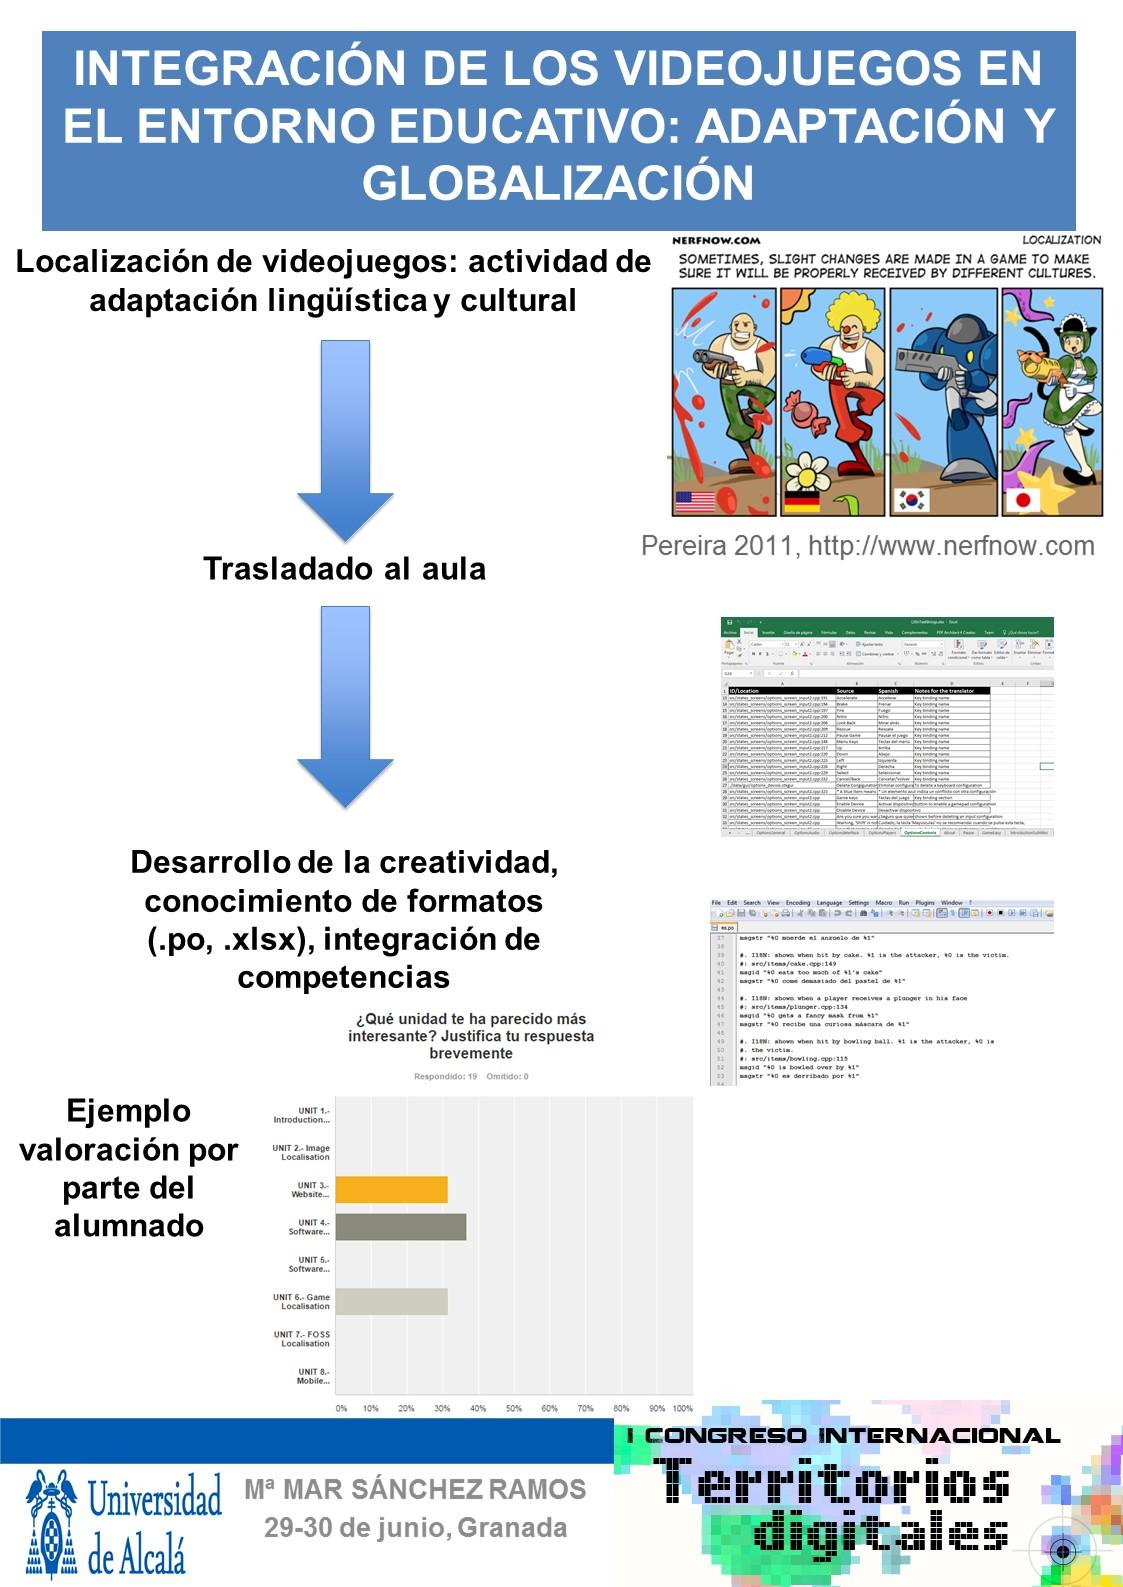 Integración de los videojuegos en el entorno educativo: adaptación y globalización